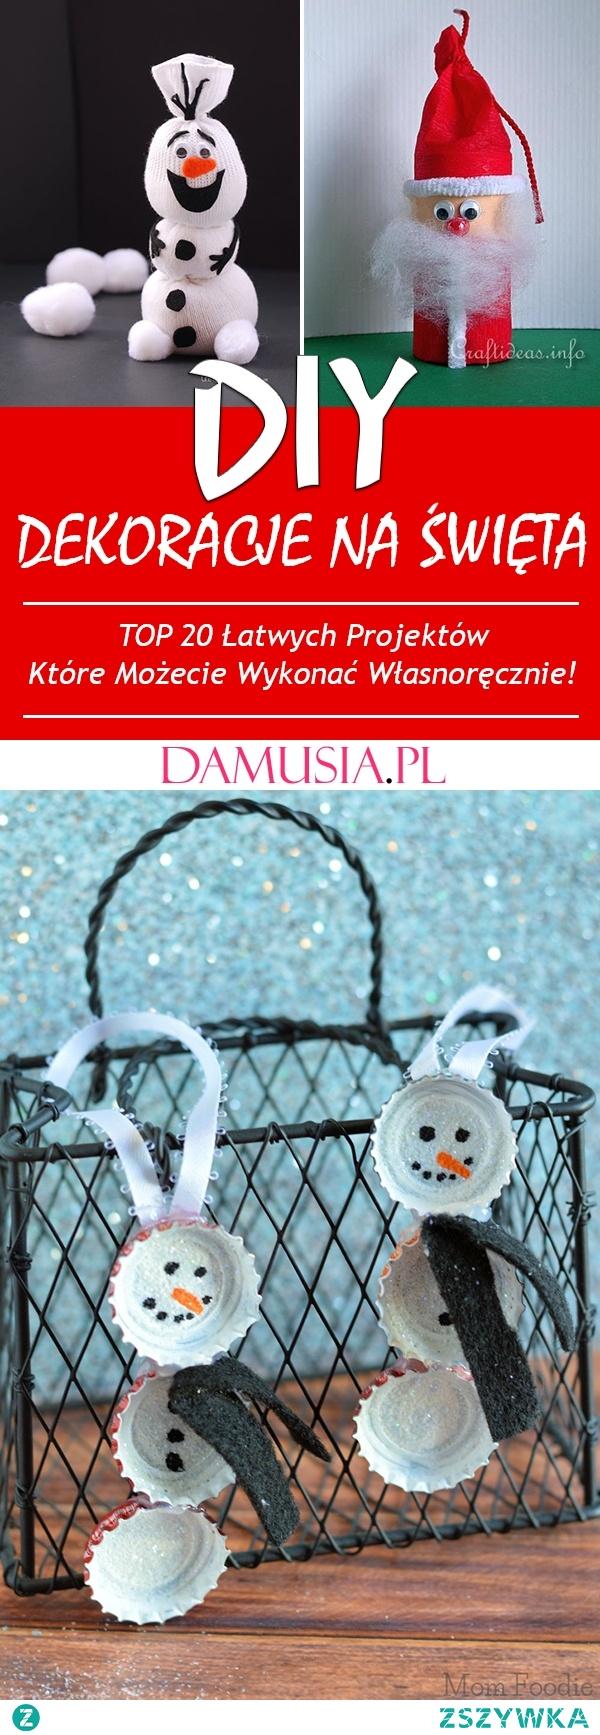 Świąteczne Dekoracje DIY Które Możecie Wykonać Własnoręcznie – TOP 20 Łatwych Projektów DIY na Święta